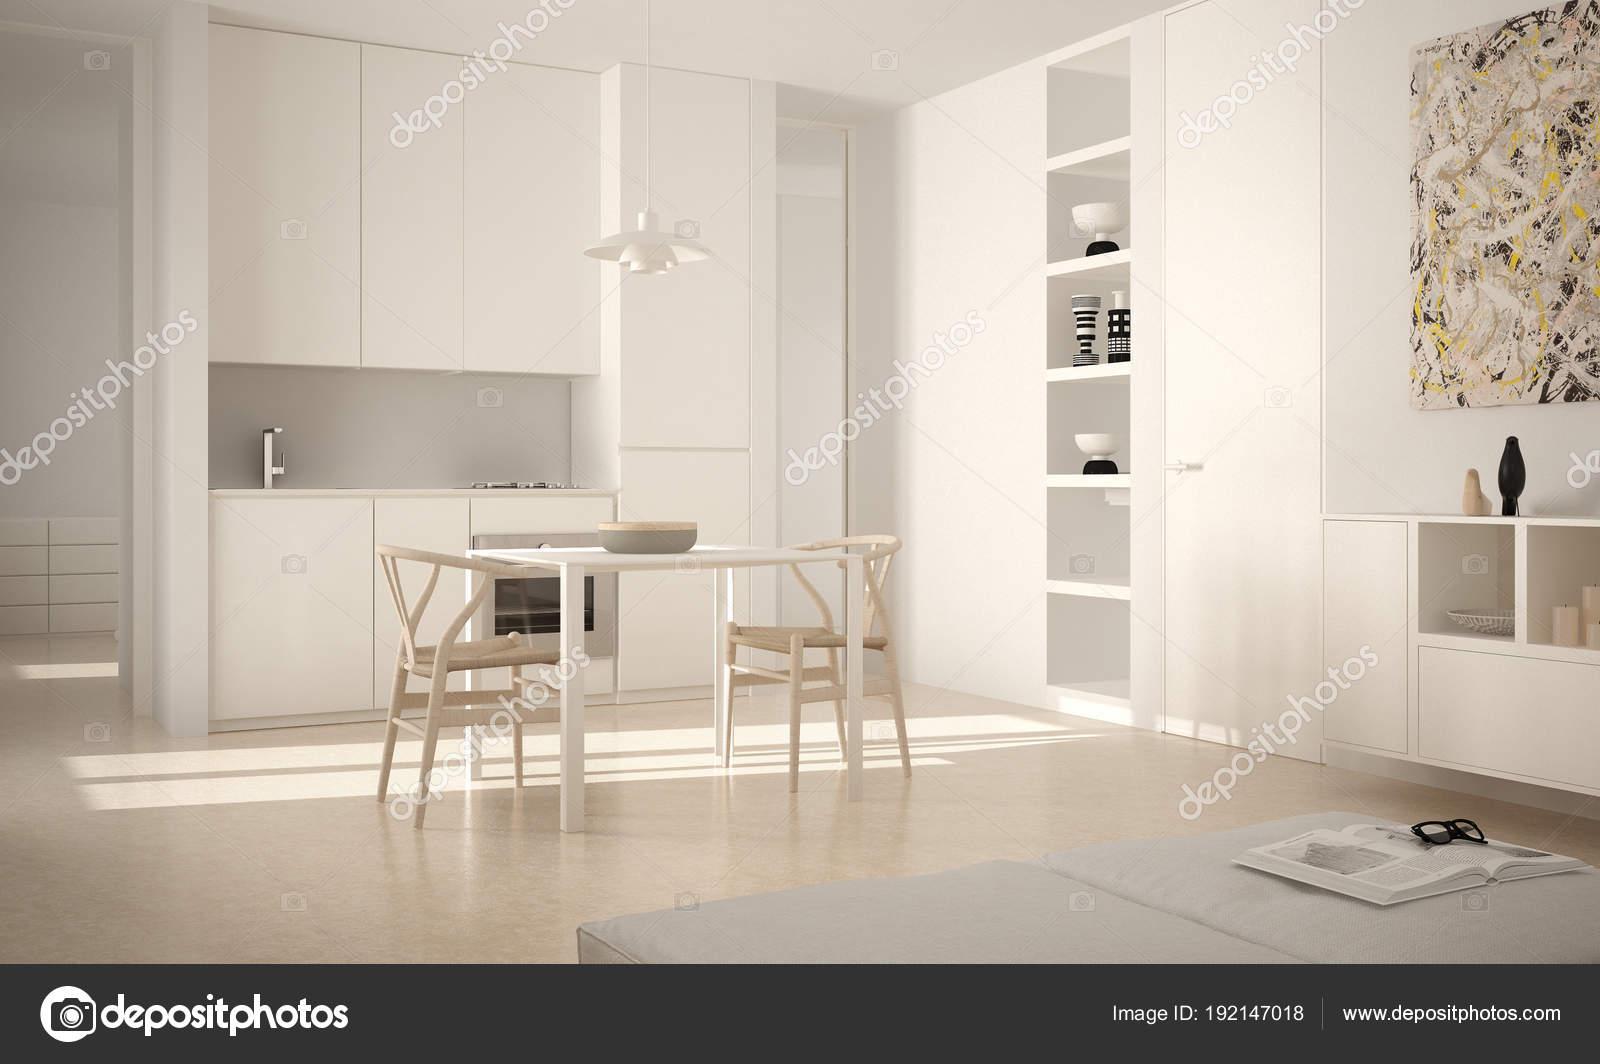 Eettafel Stoelen Modern.Minimalistische Moderne Lichte Keuken Met Eettafel En Stoelen